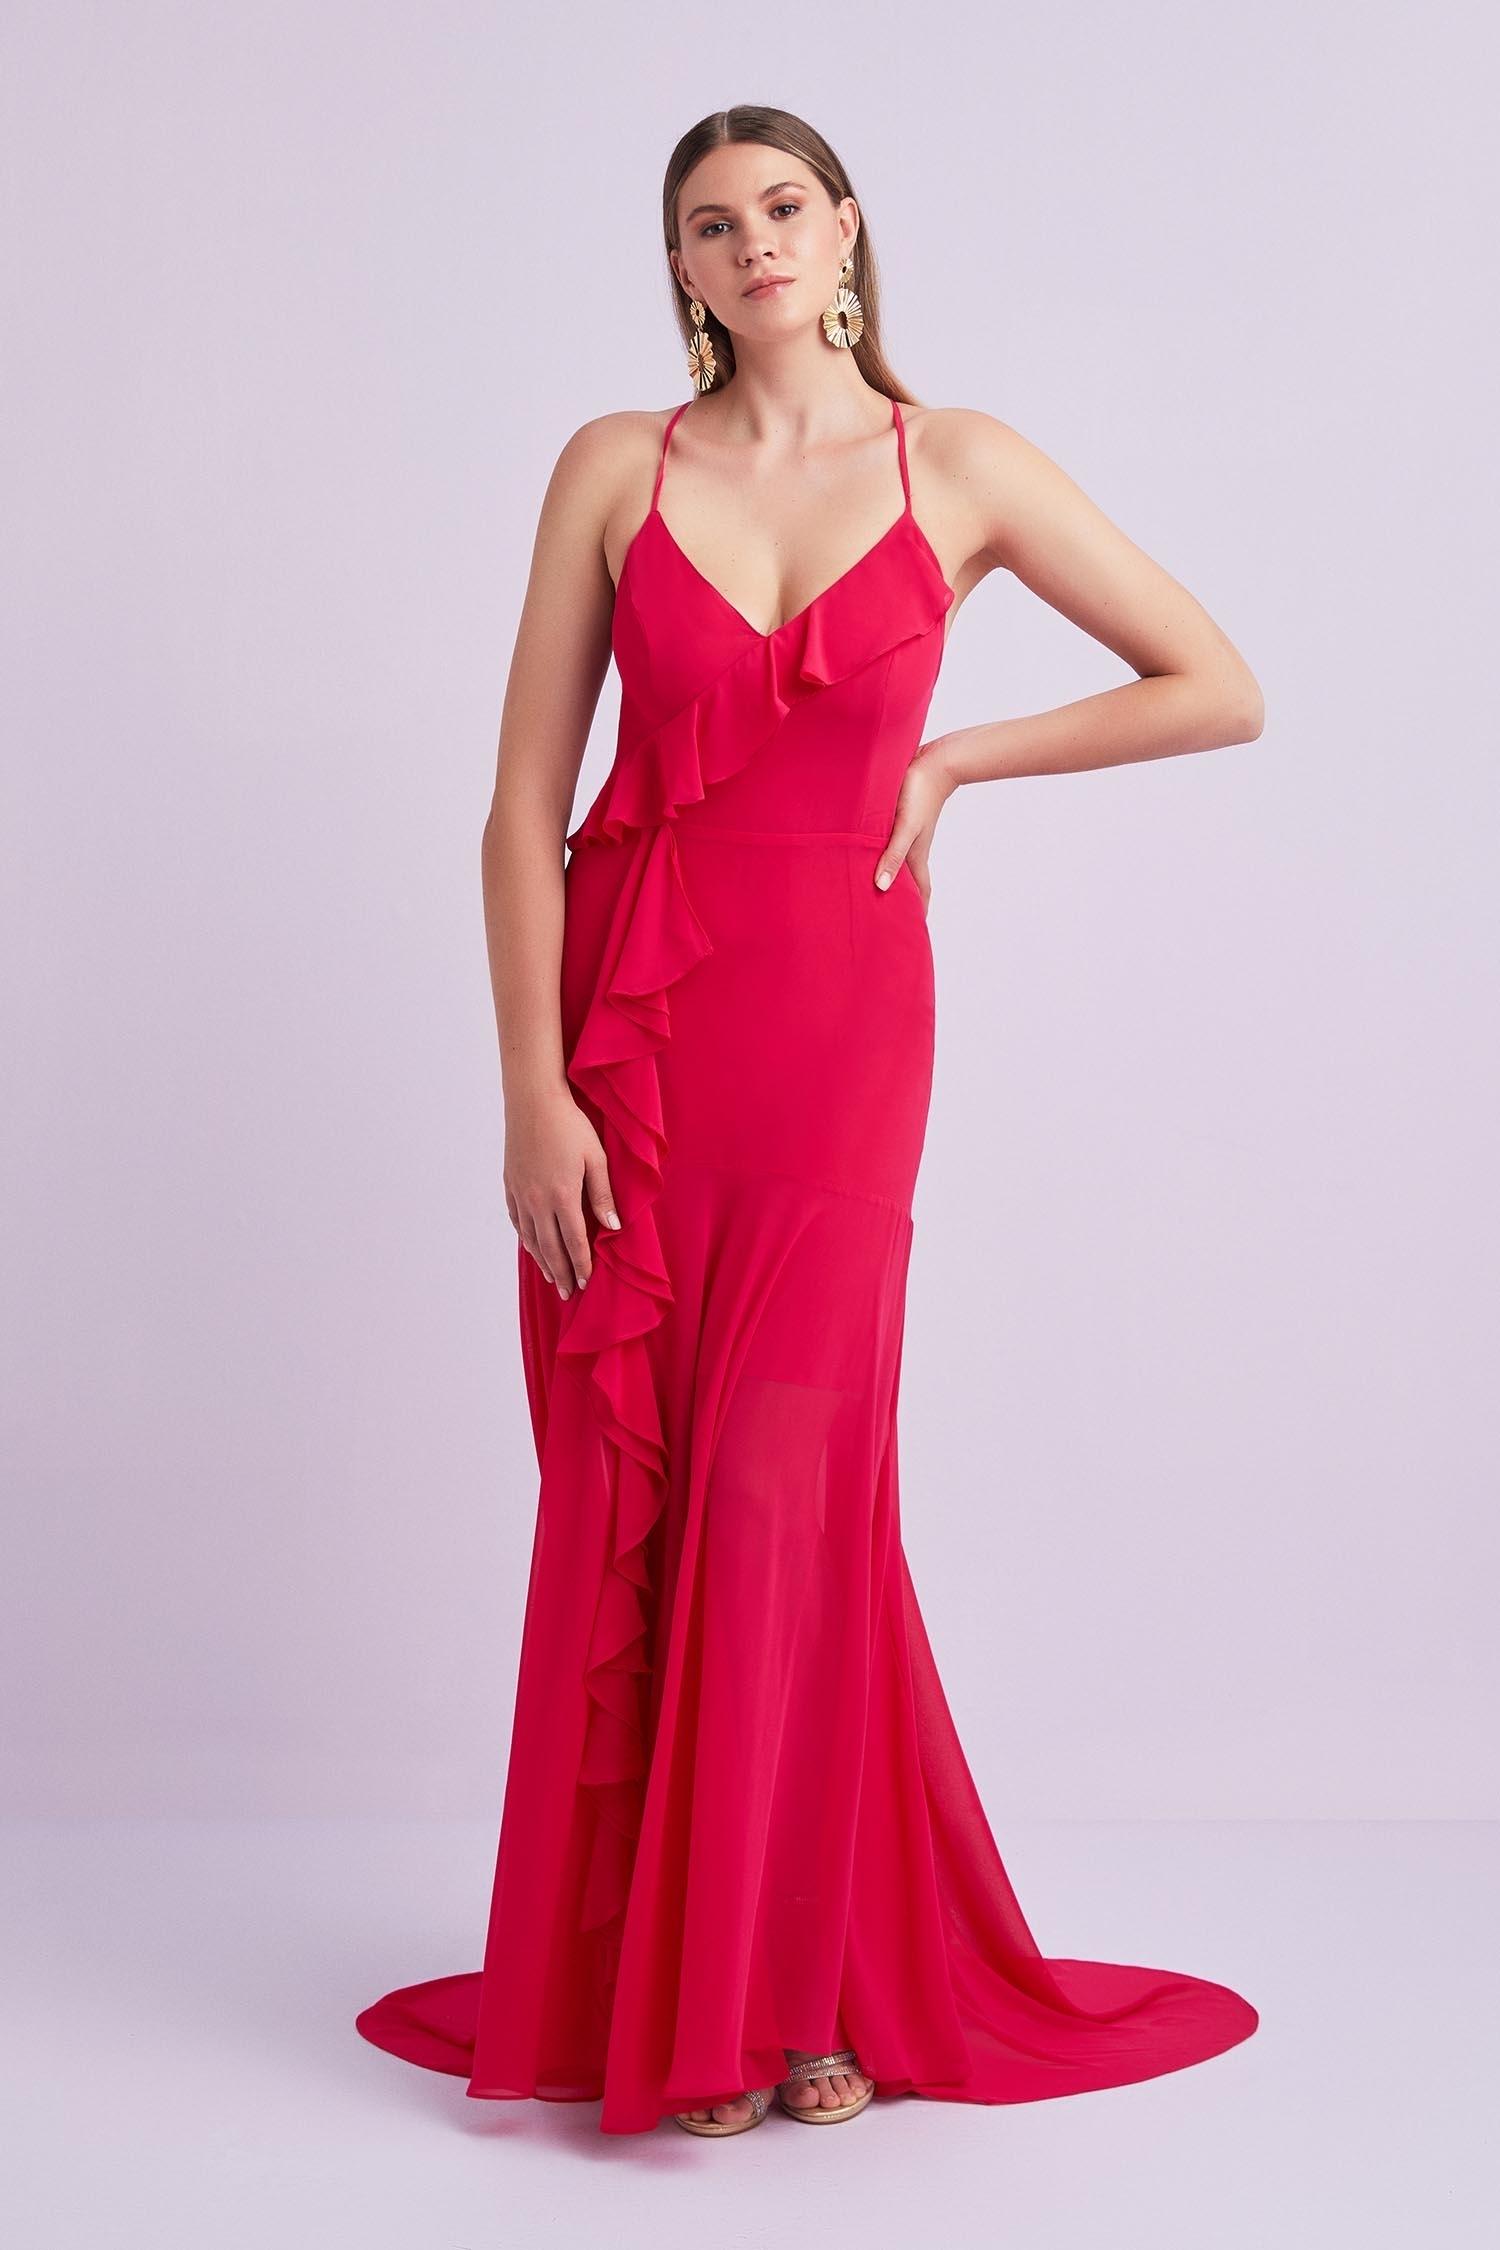 Çingene Pembesi Askılı Şifon Uzun Büyük Beden Elbise - Thumbnail